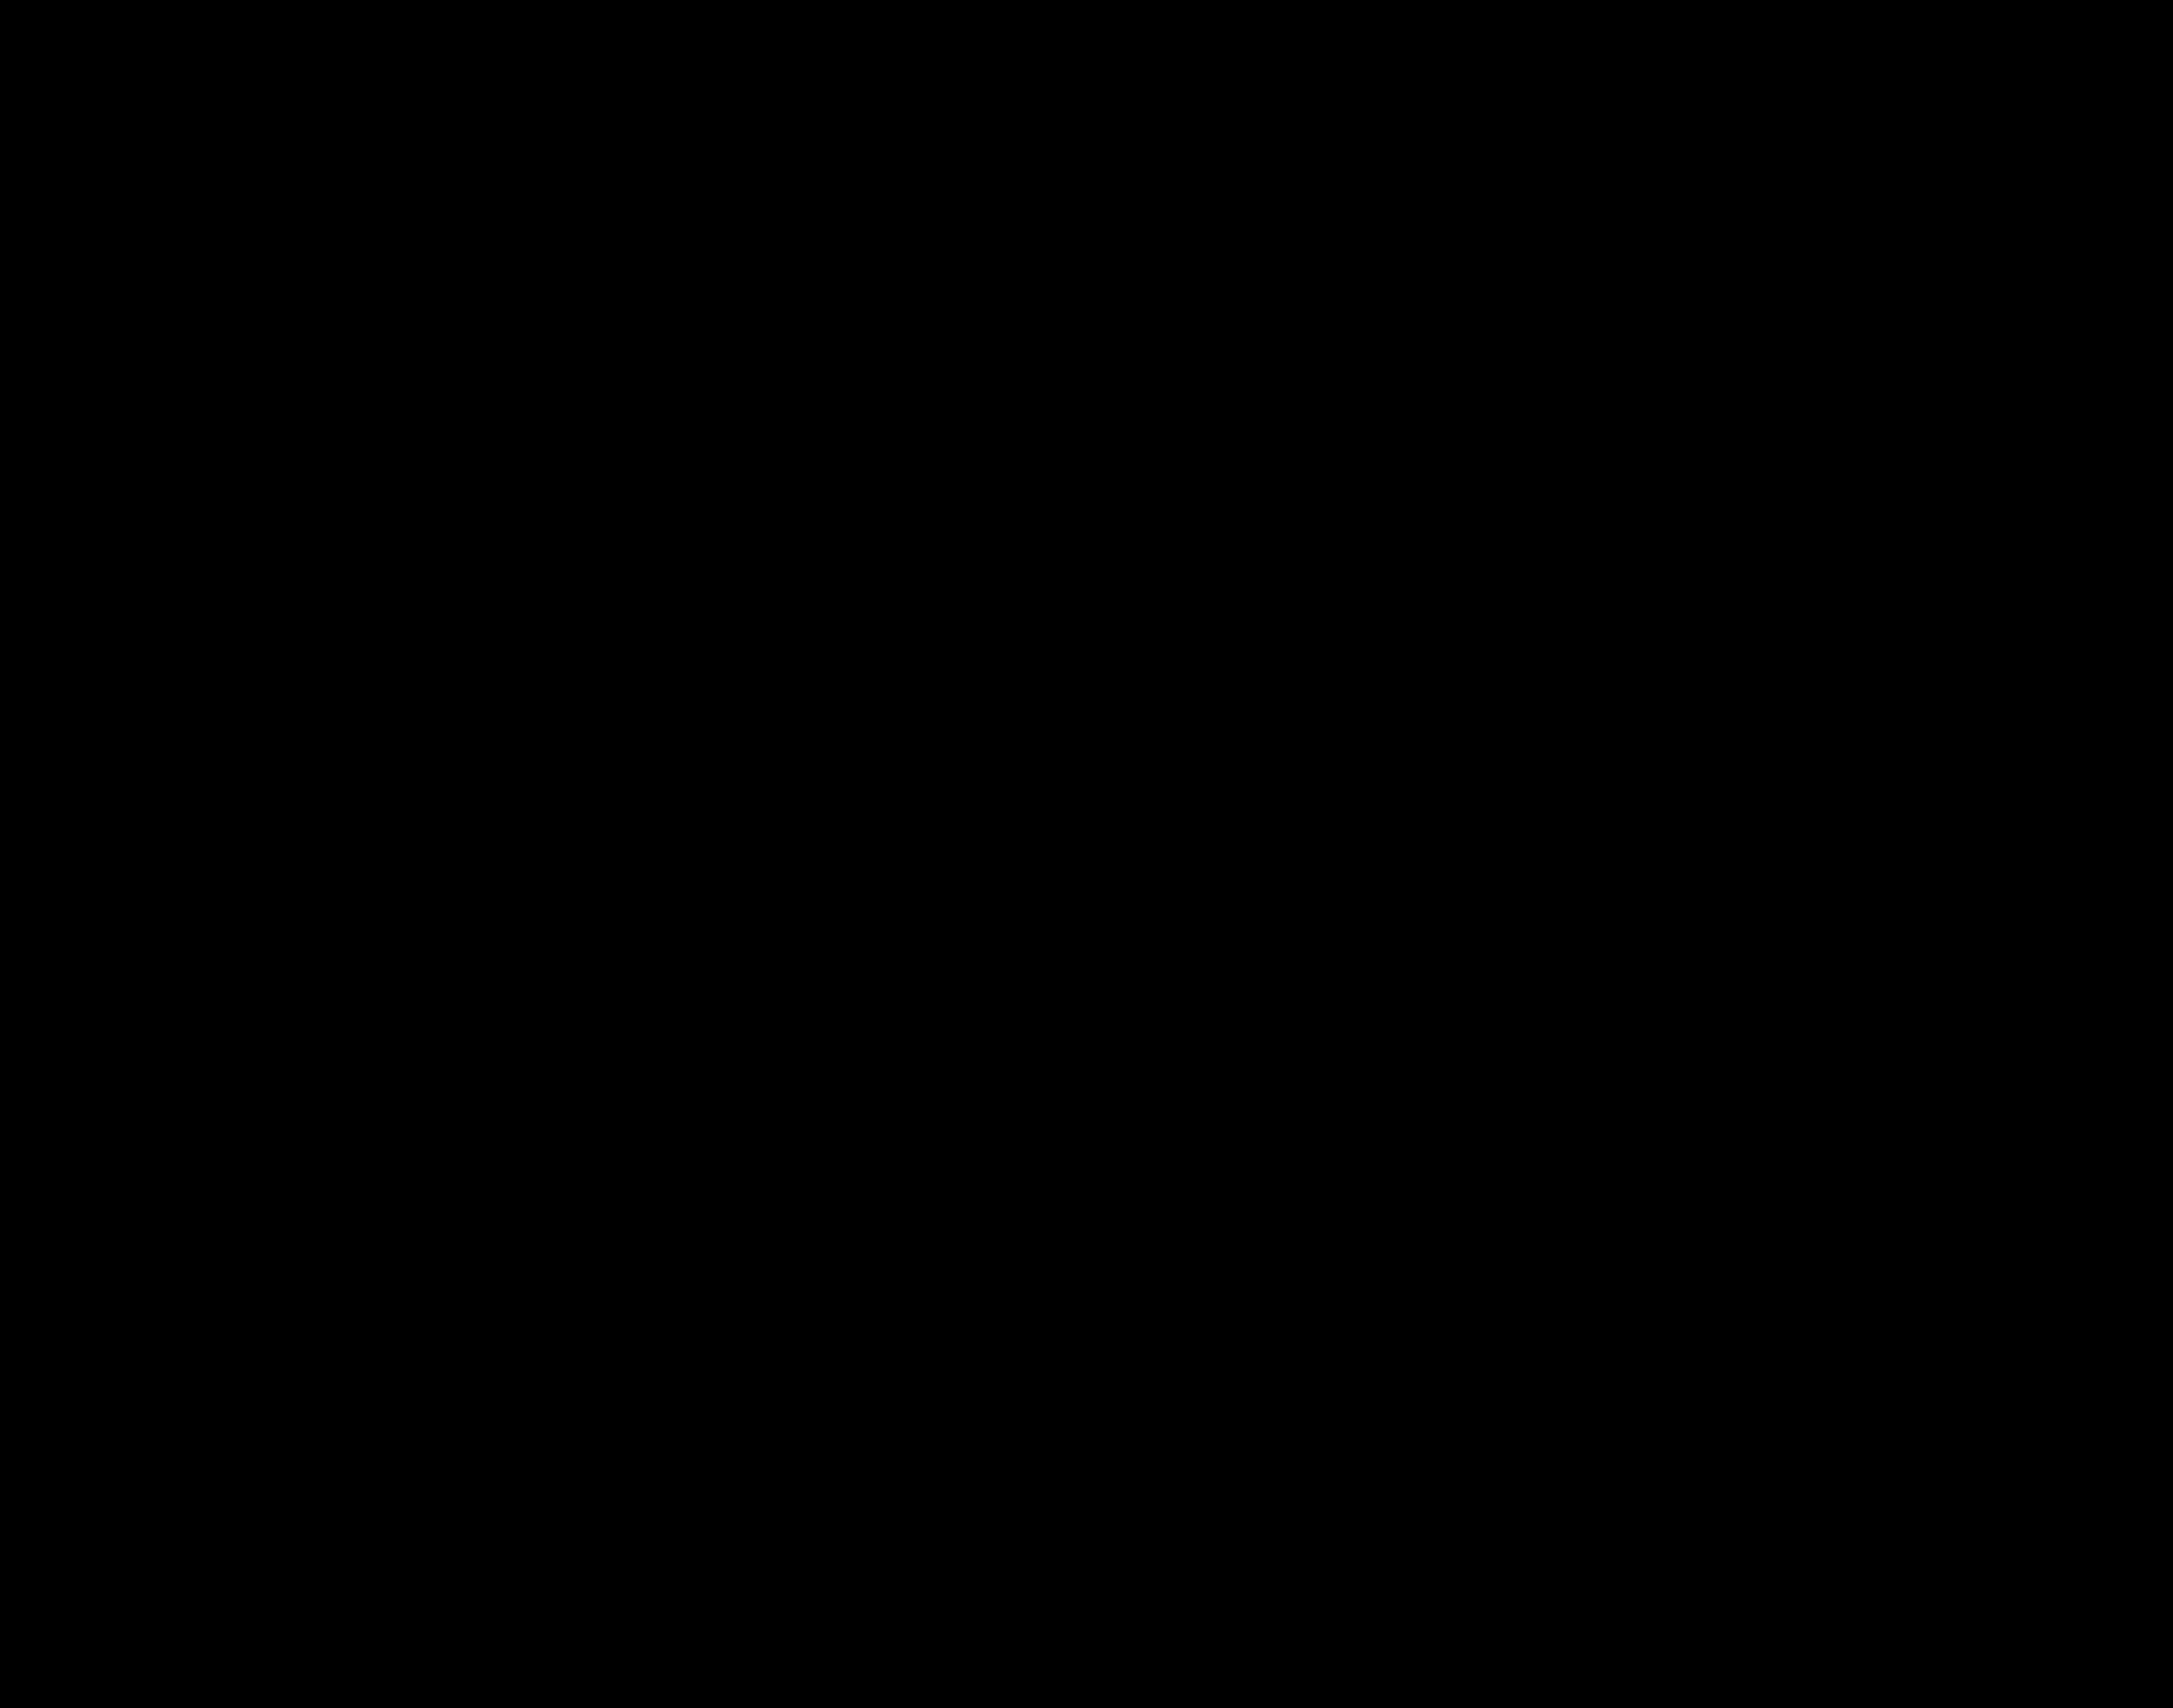 cooler master logo 1 - Cooler Master Logo